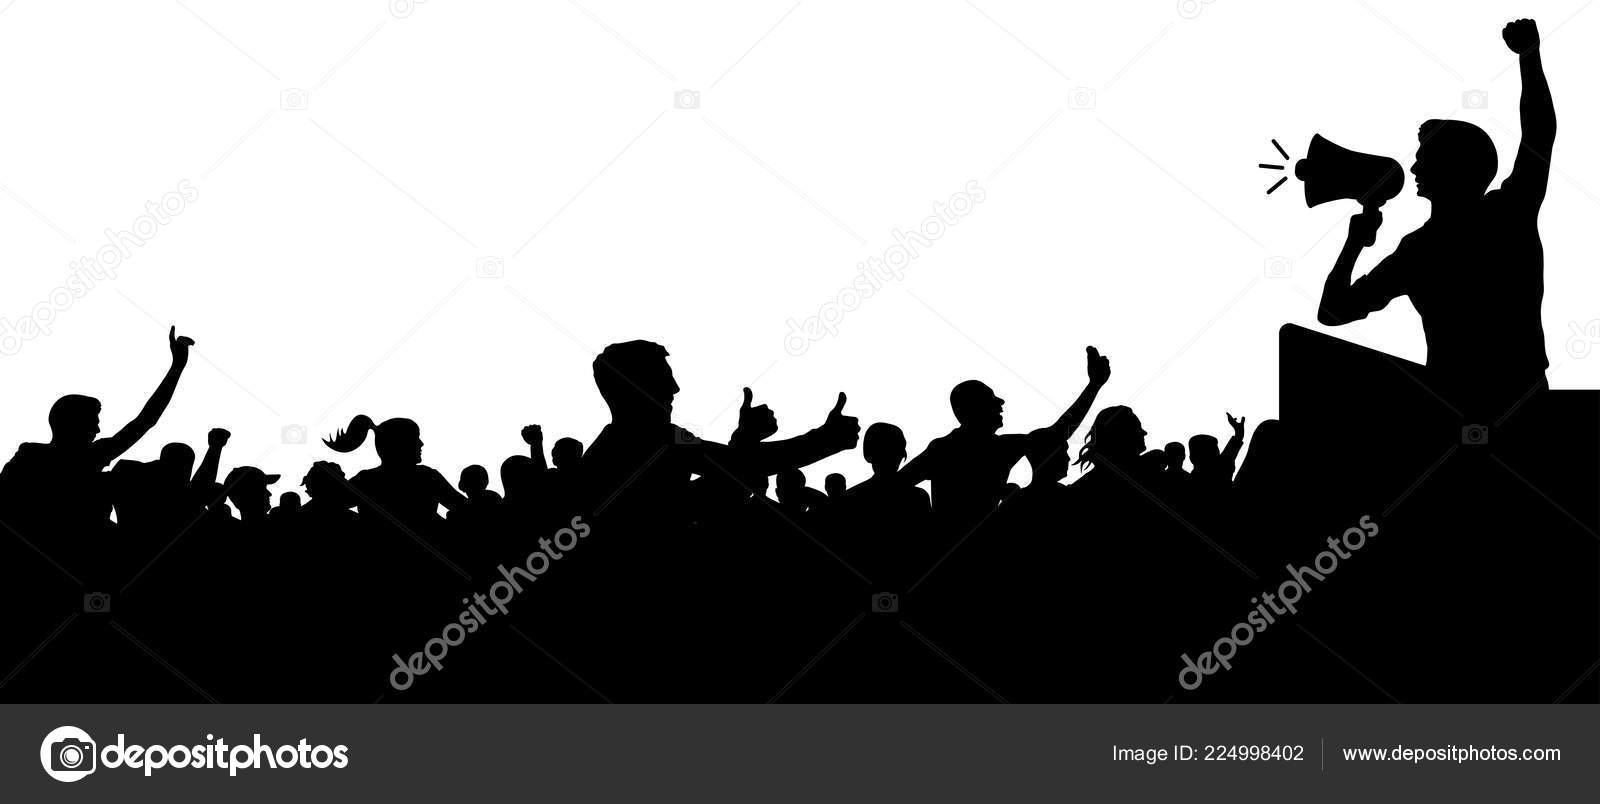 Multitud De Gente Silueta: Multitud Vector Silueta Personas Cabezas Anónimas Altavoz